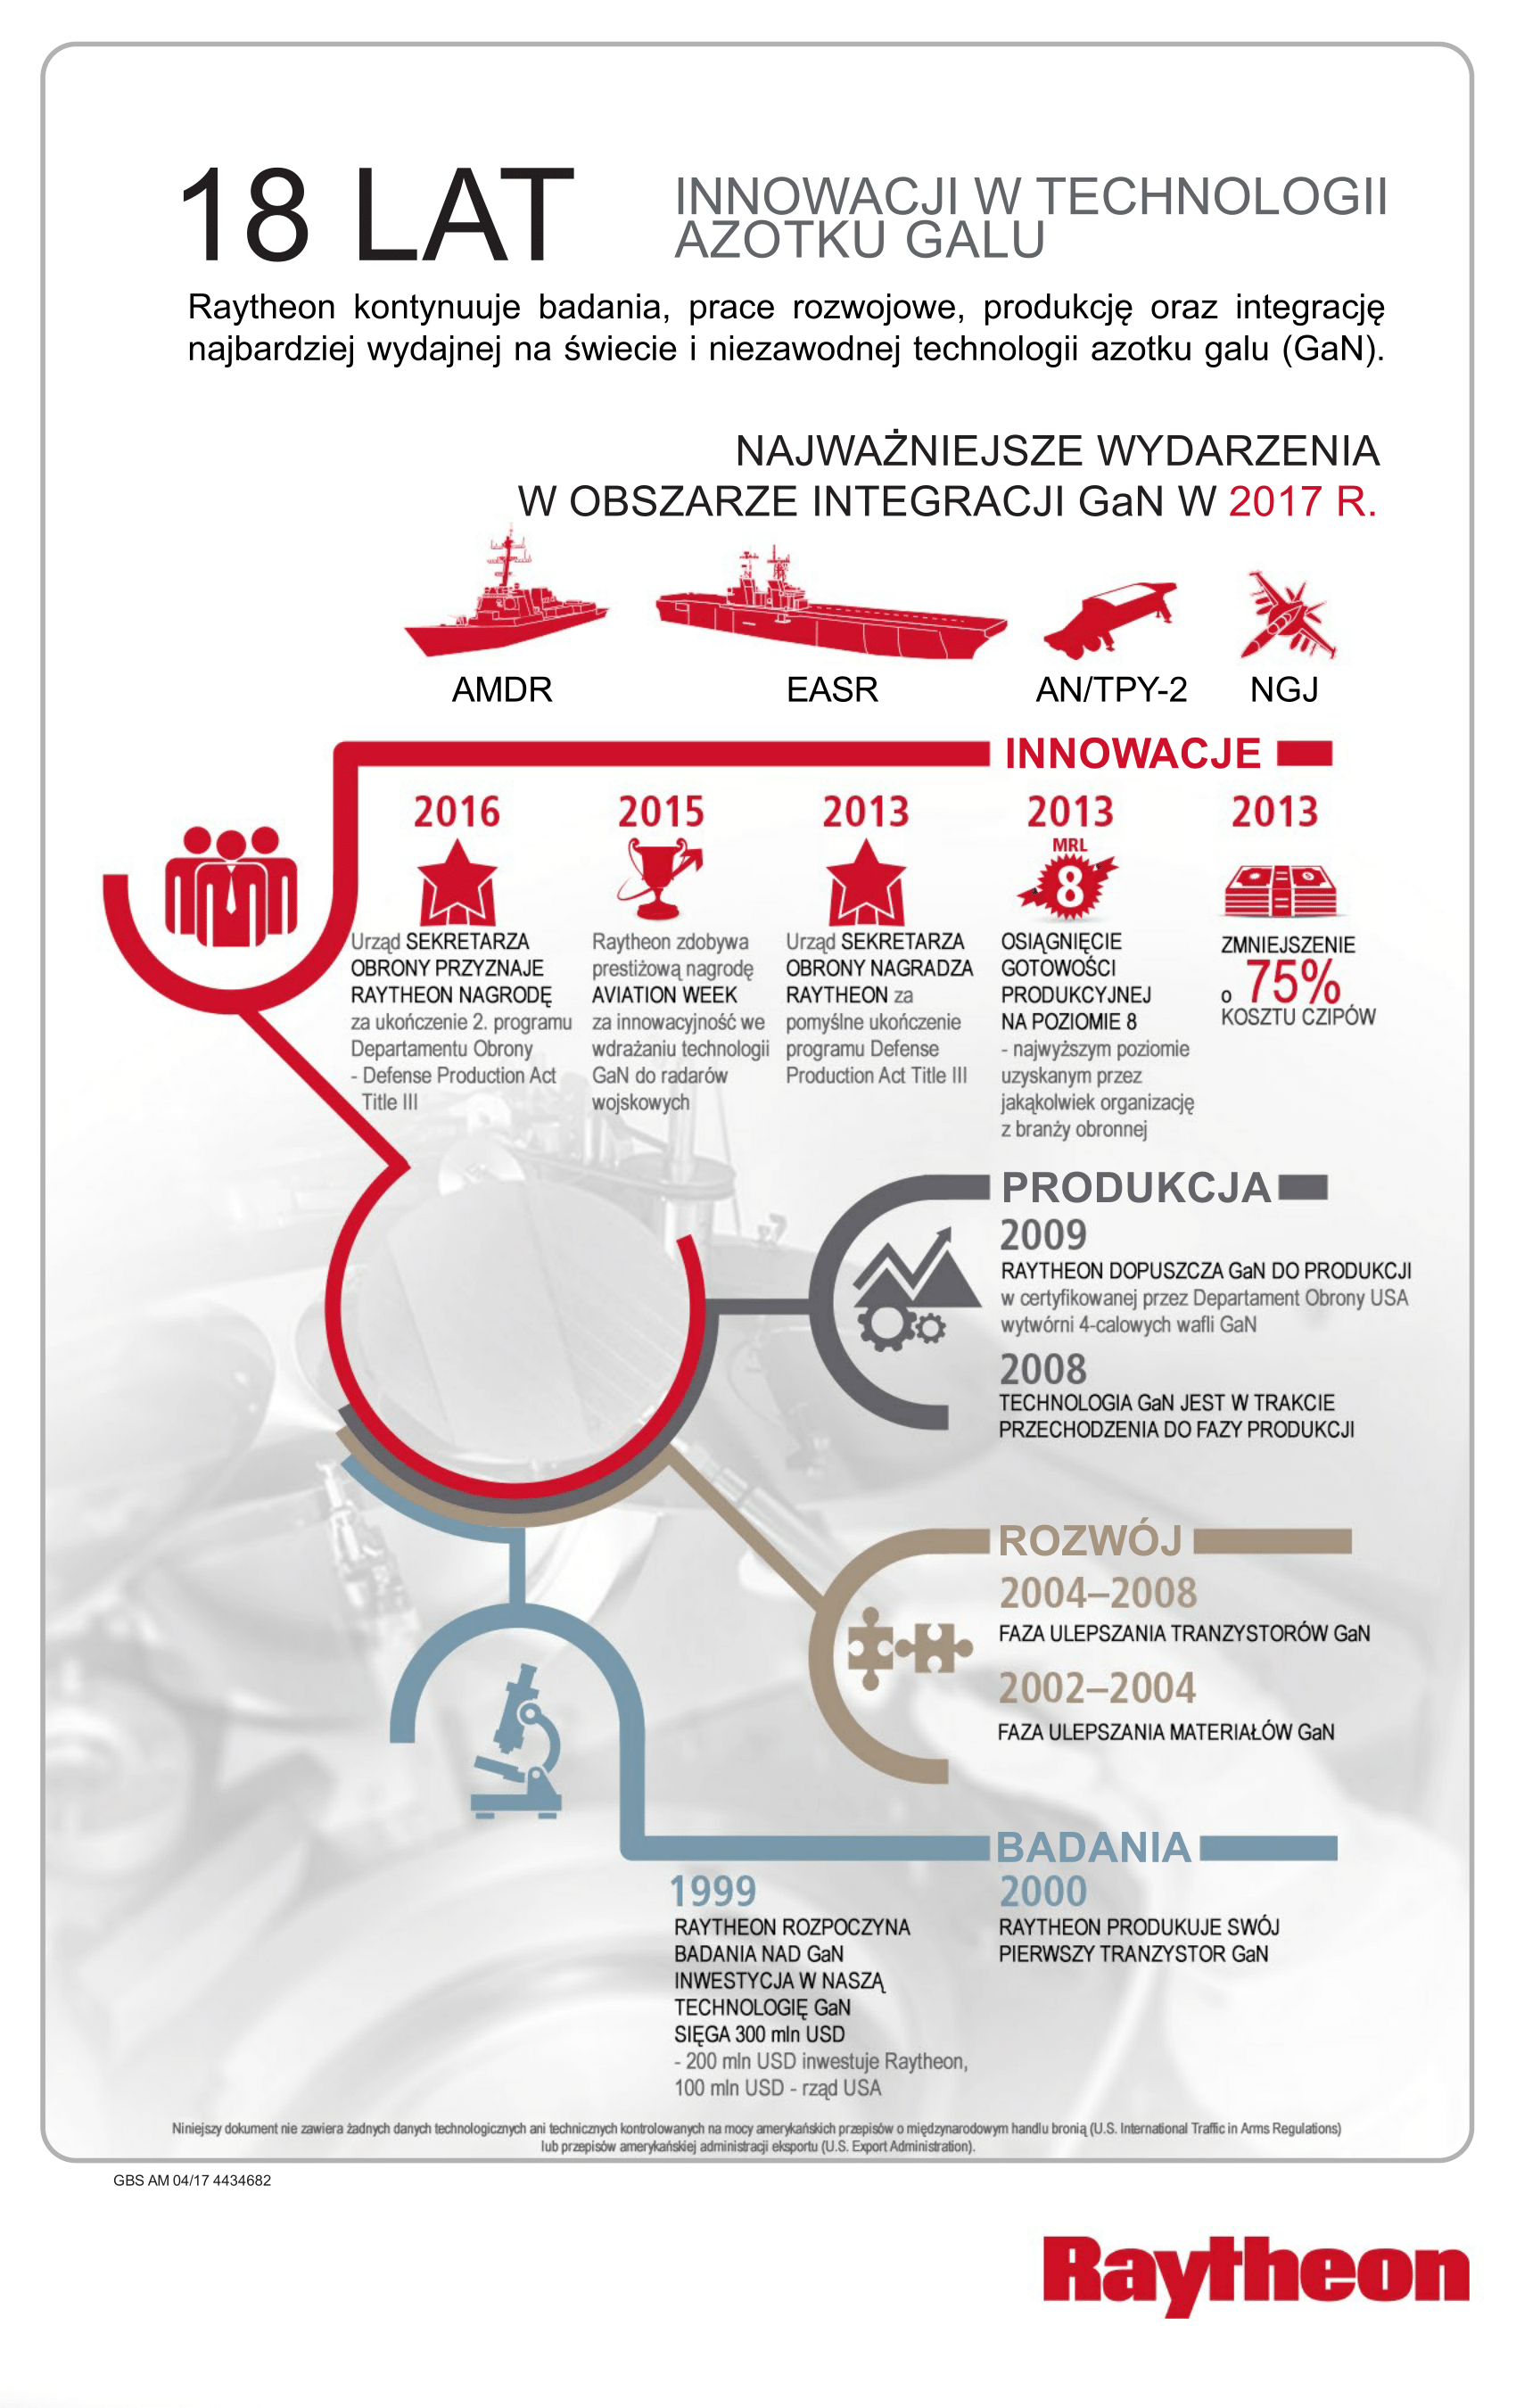 18 lat innowacji w technologii azotku galu (GaN)